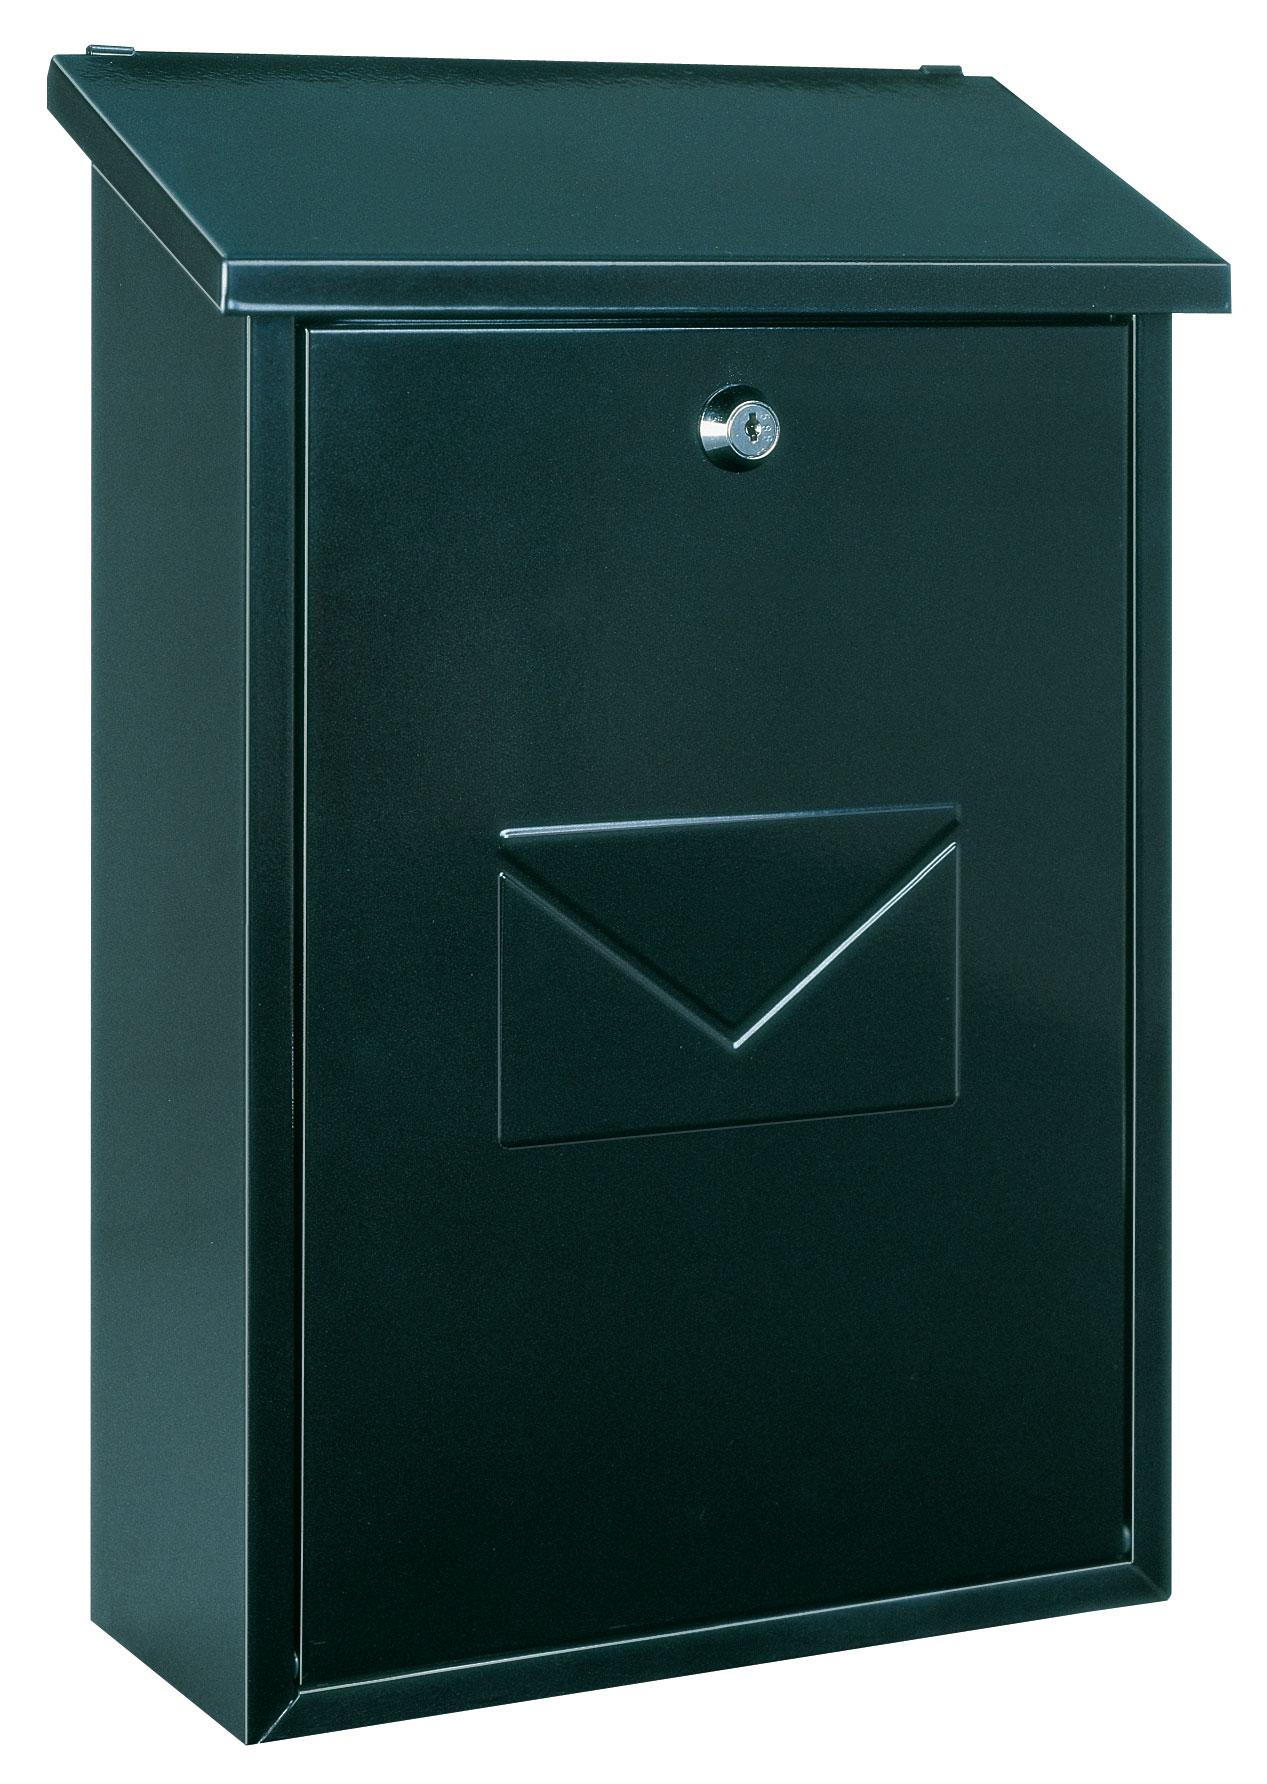 Rottner Briefkasten Parma anthrazit 390x270x115mm Bild 1